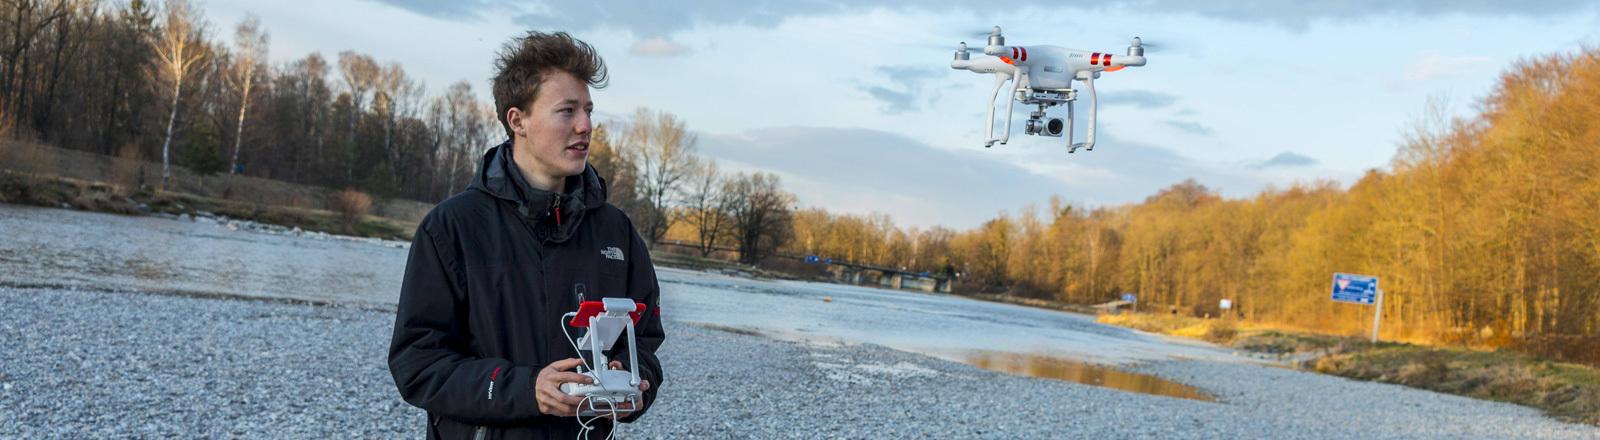 Ein Mann lässt eine Drohne fliegen, im Hintergrund ist Wald auf den Sonnenschein fällt.